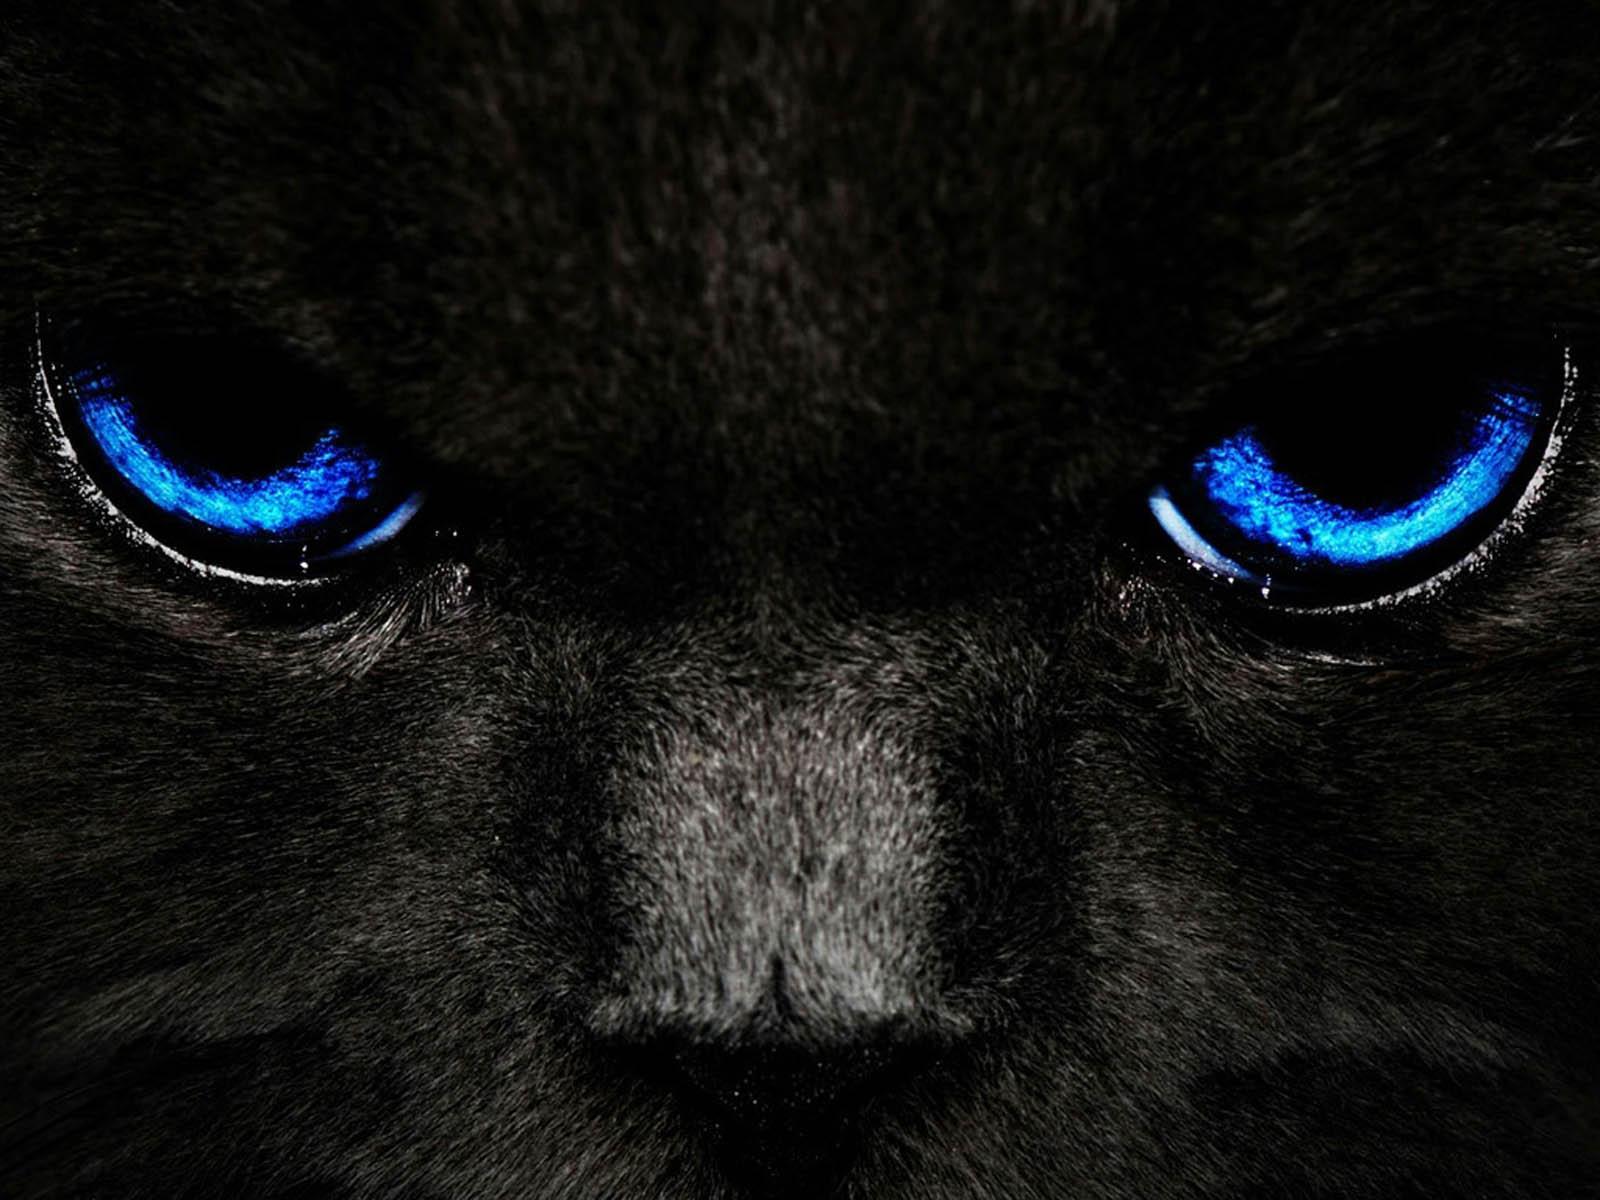 Cute Naughty Babies Hd Wallpapers Wallpapers Black Cat Blue Eyes